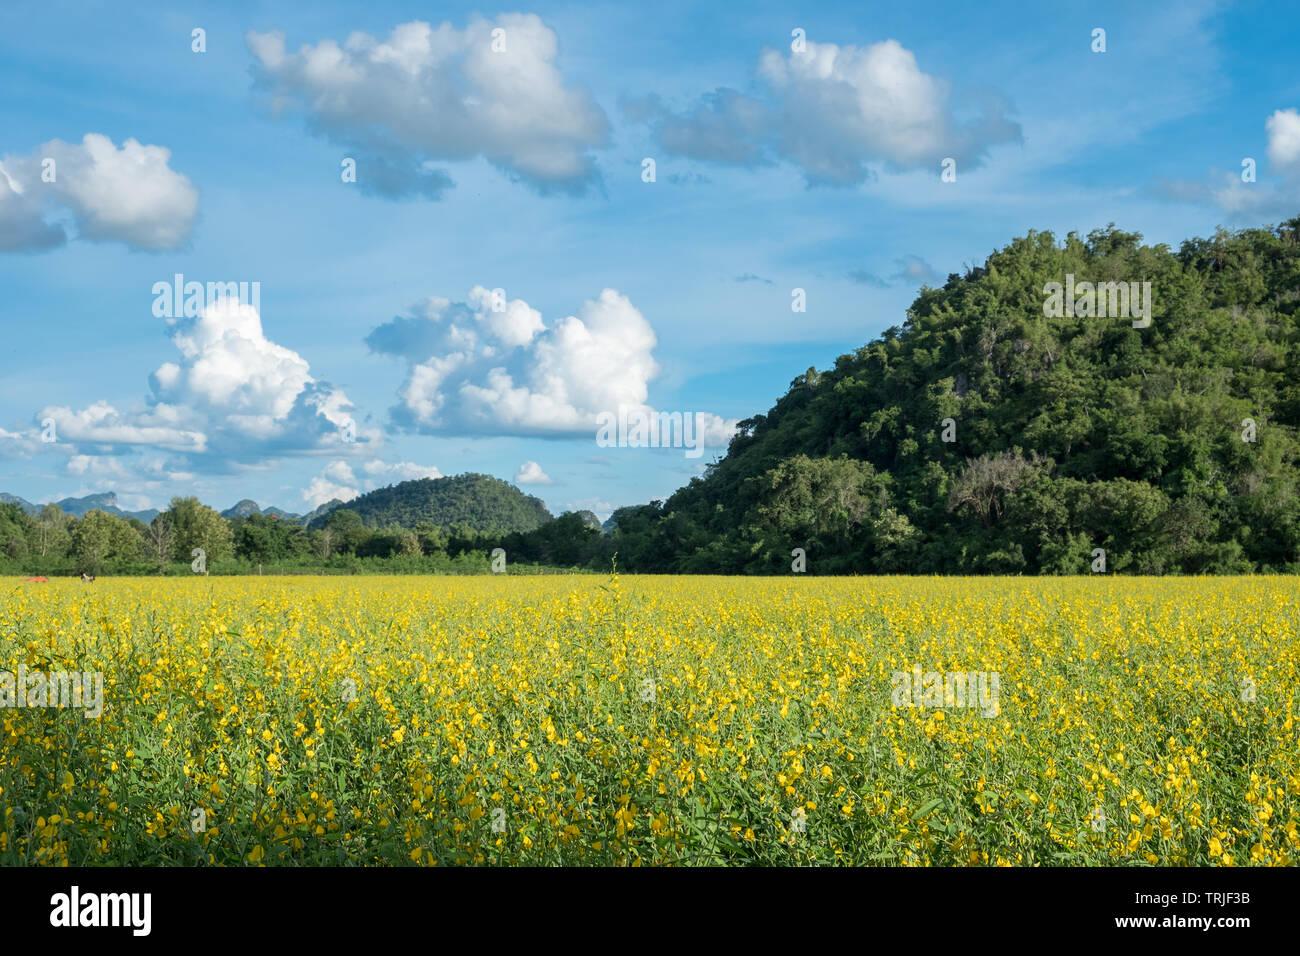 Sunn Hanf, Chanvre Indien, CROTALARIA JUNCEA gelbe Blüten im Feld mit Berg- und blauer Himmel Stockbild